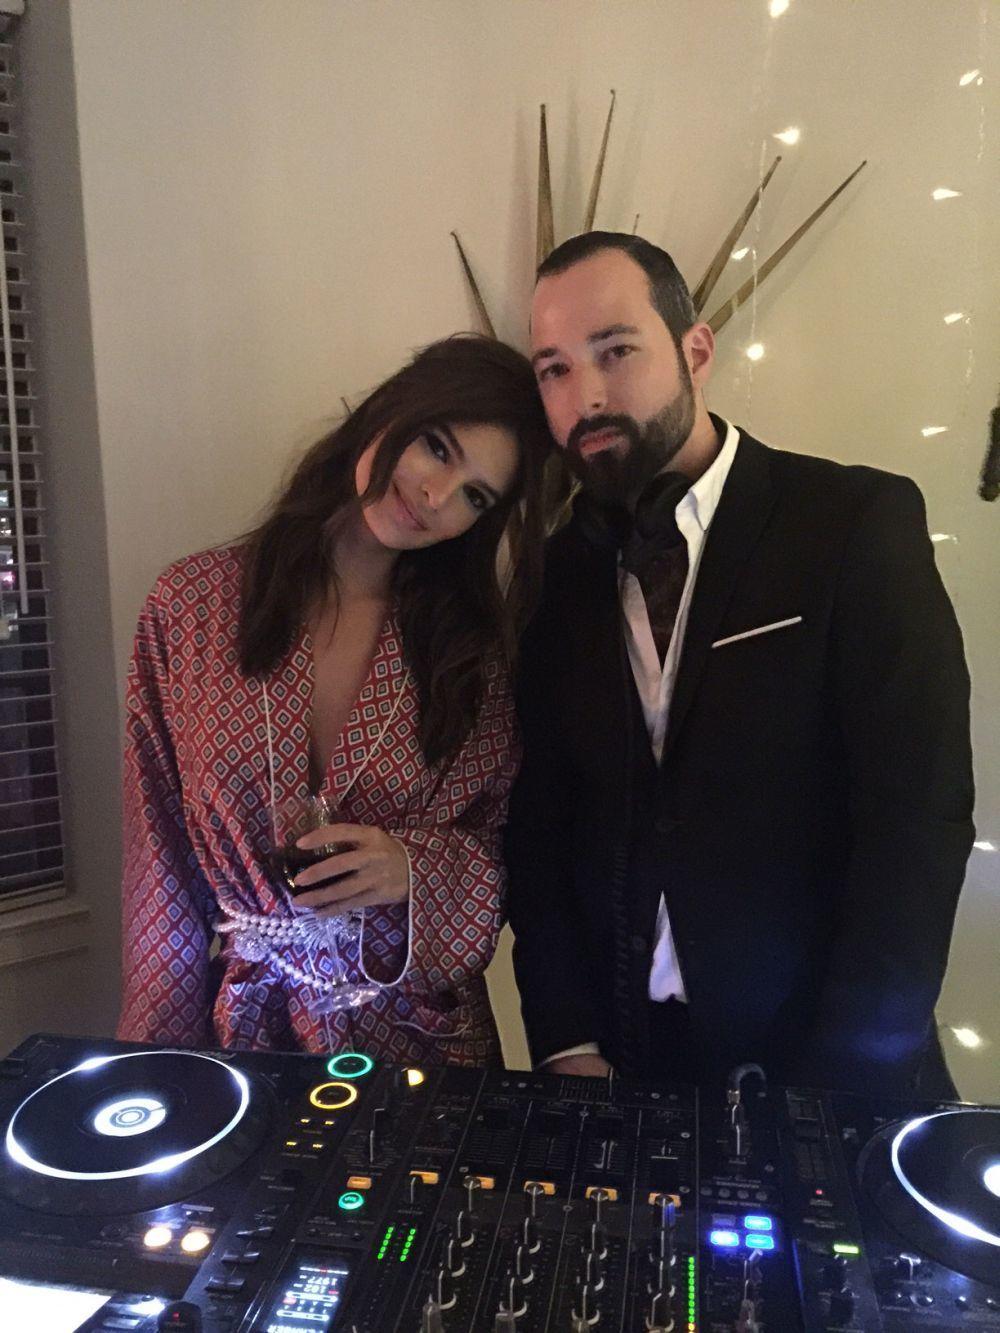 Emily junto al DJ.